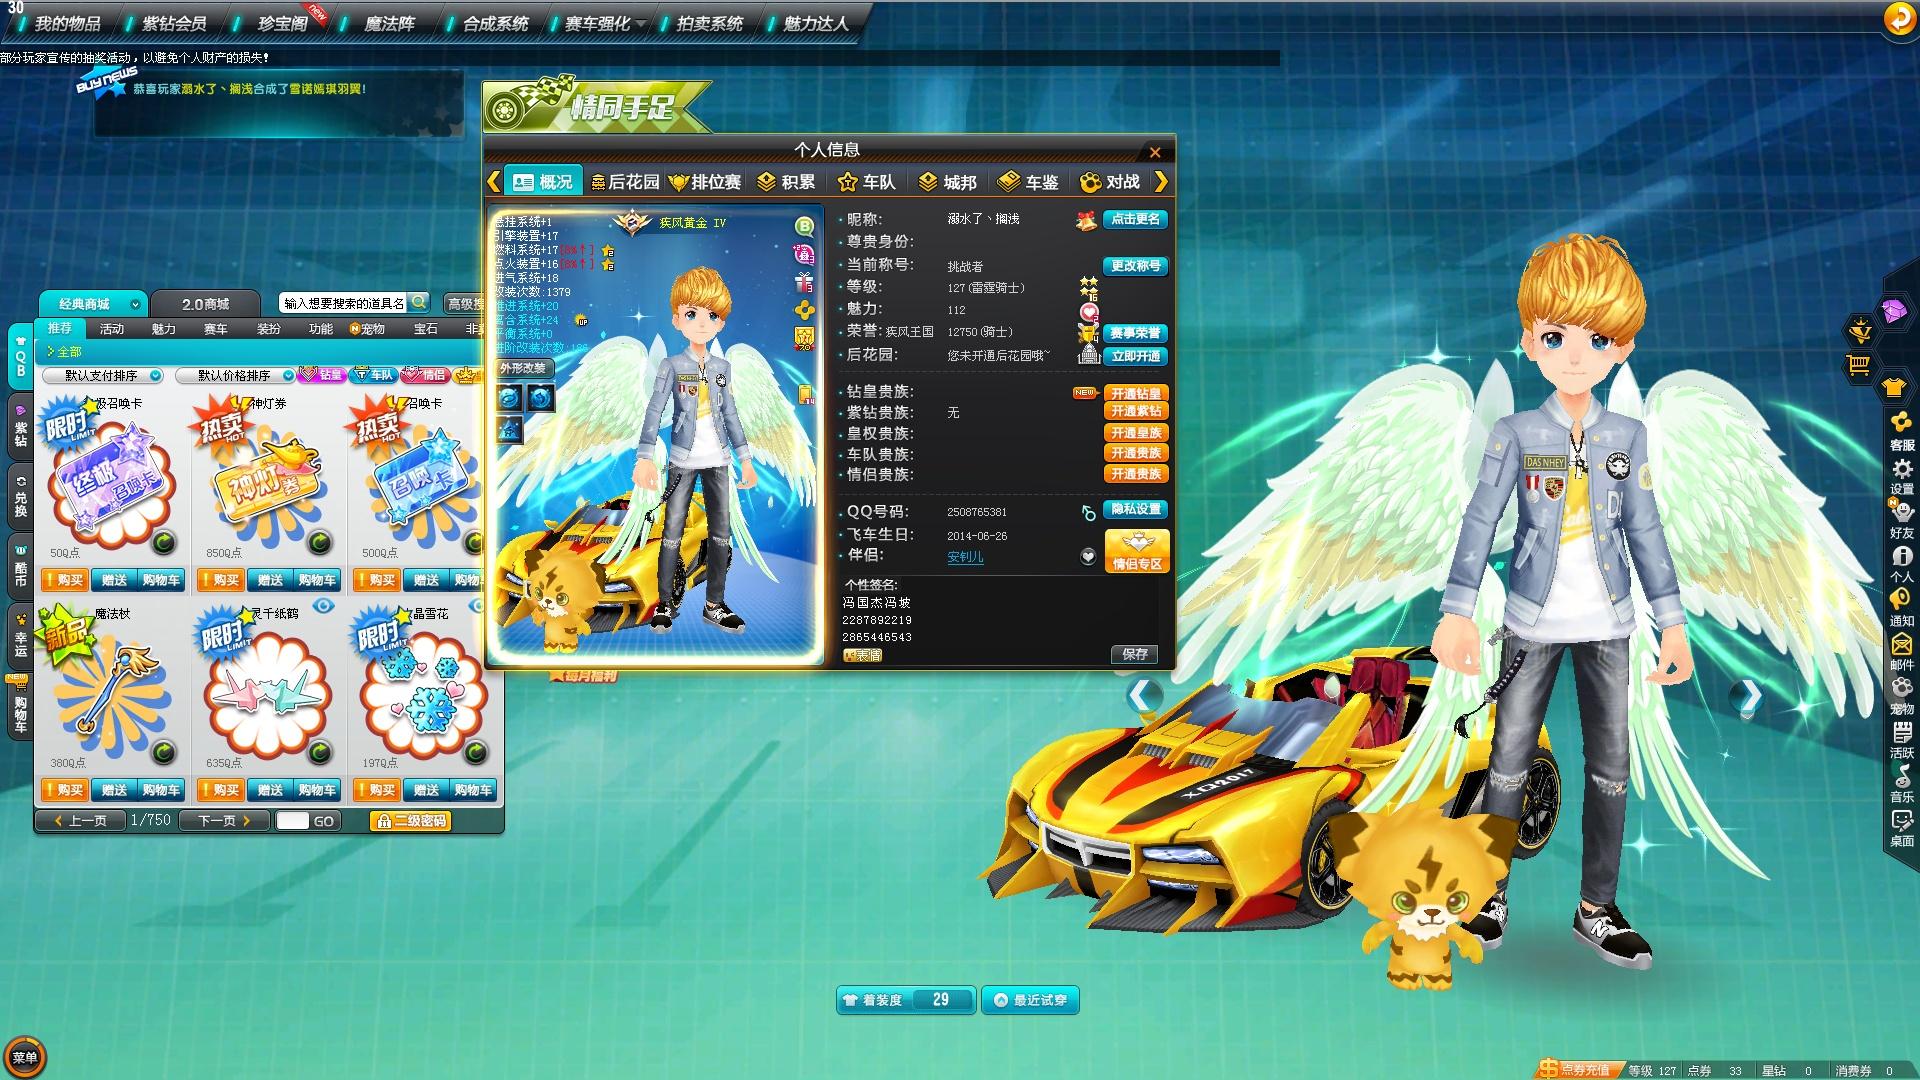 合成一个雪诺翅膀 QQ飞车 Powered by Discuz图片